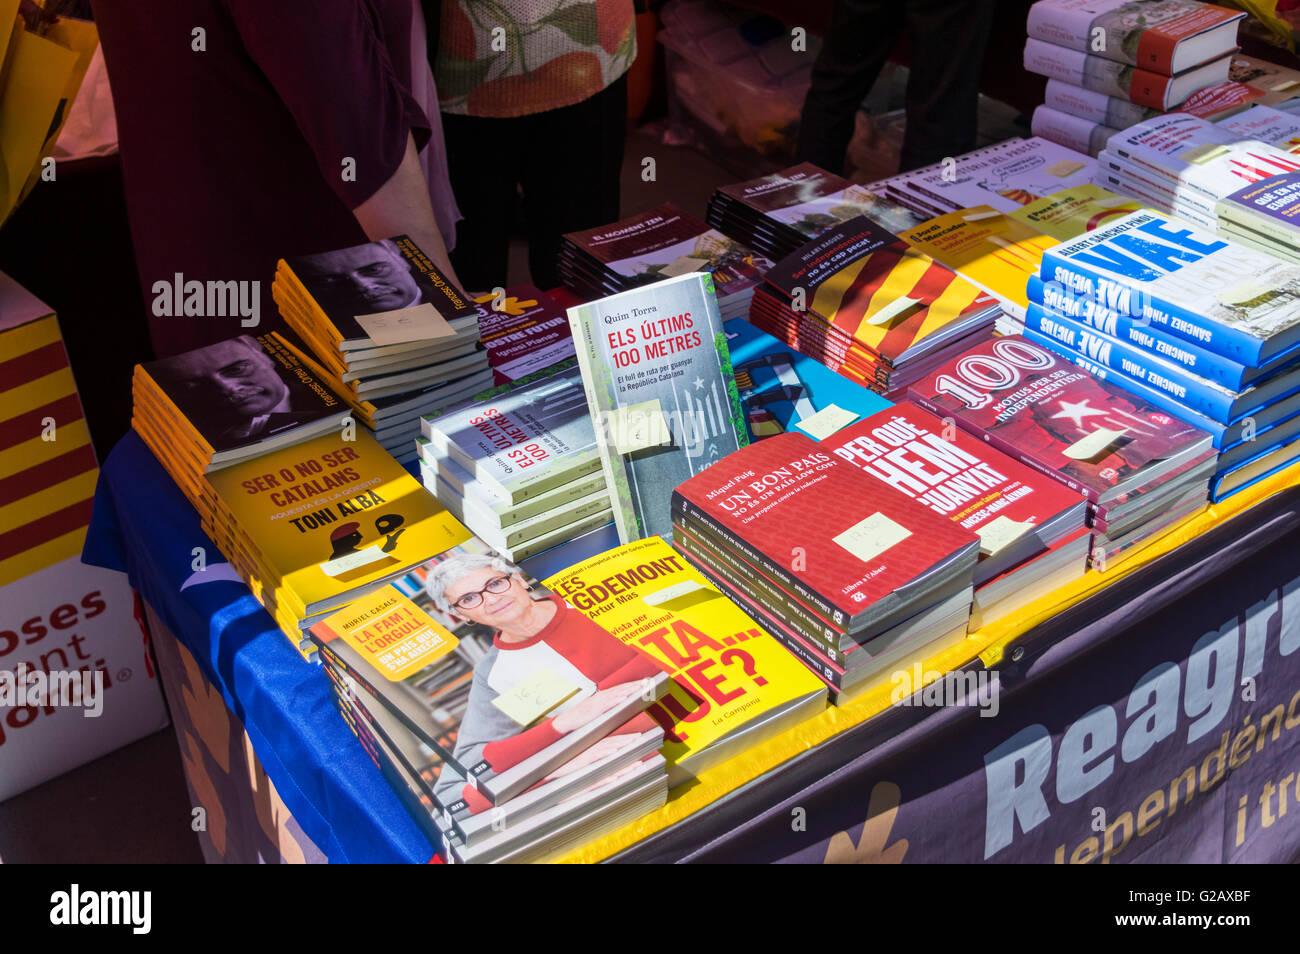 Livres sur le nationalisme catalan et l'indépendance de la Catalogne sur l'affichage à l'extérieur Photo Stock